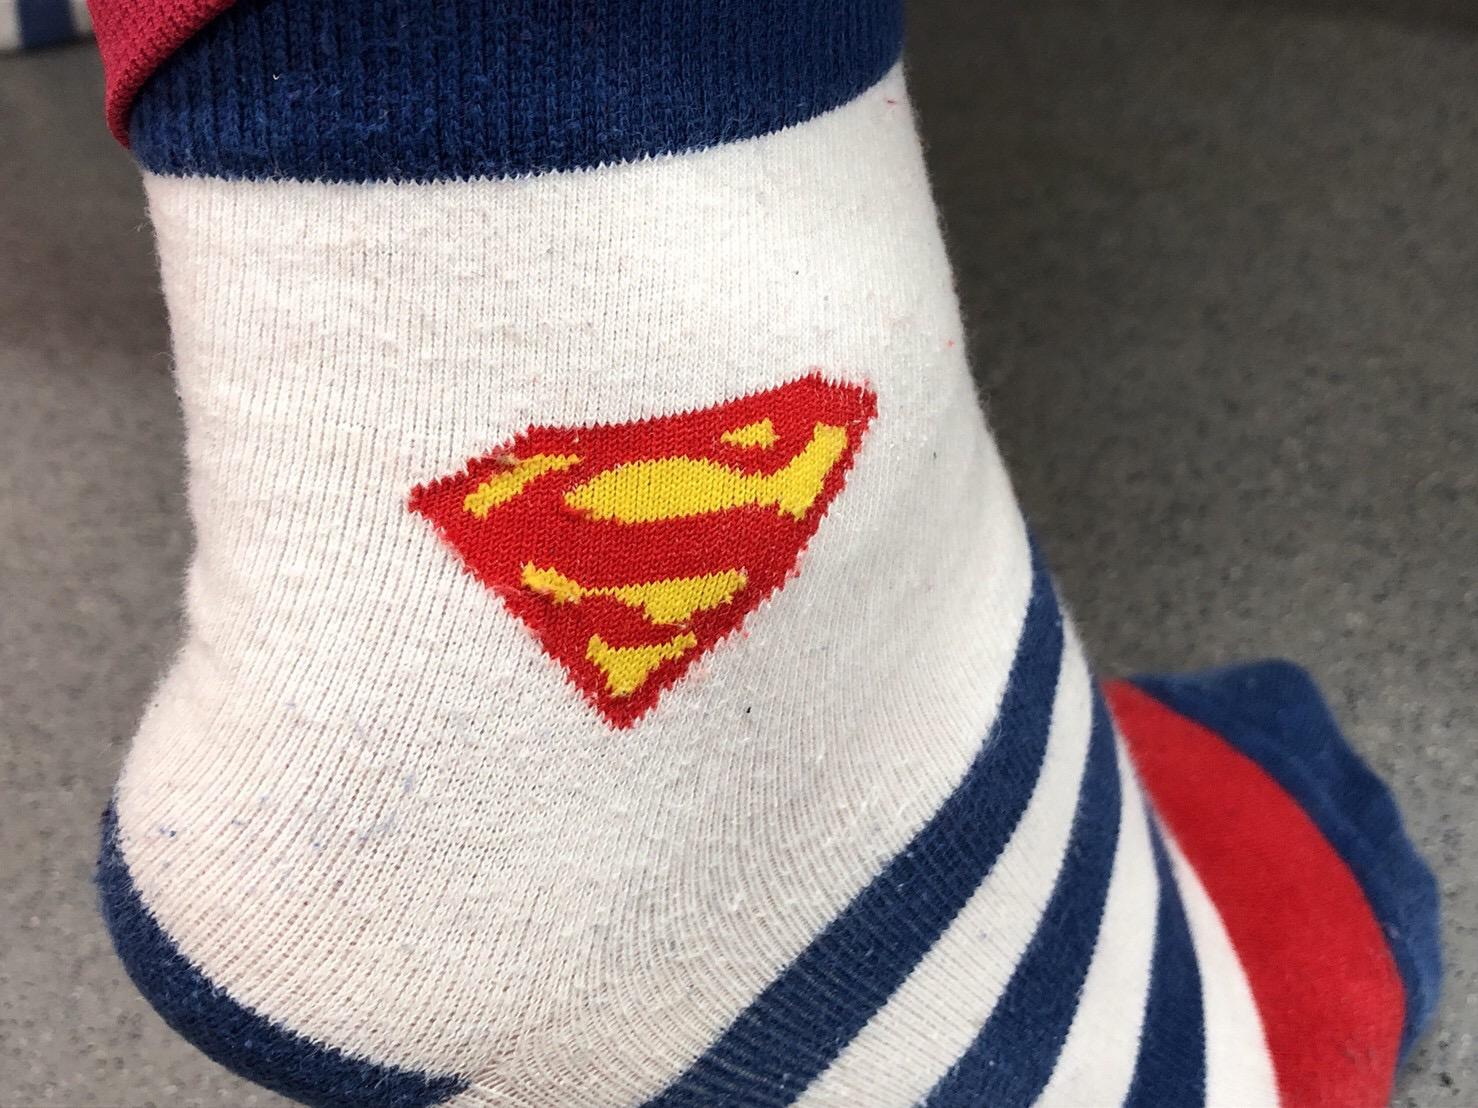 ヒロコさんのスーパーマン靴下